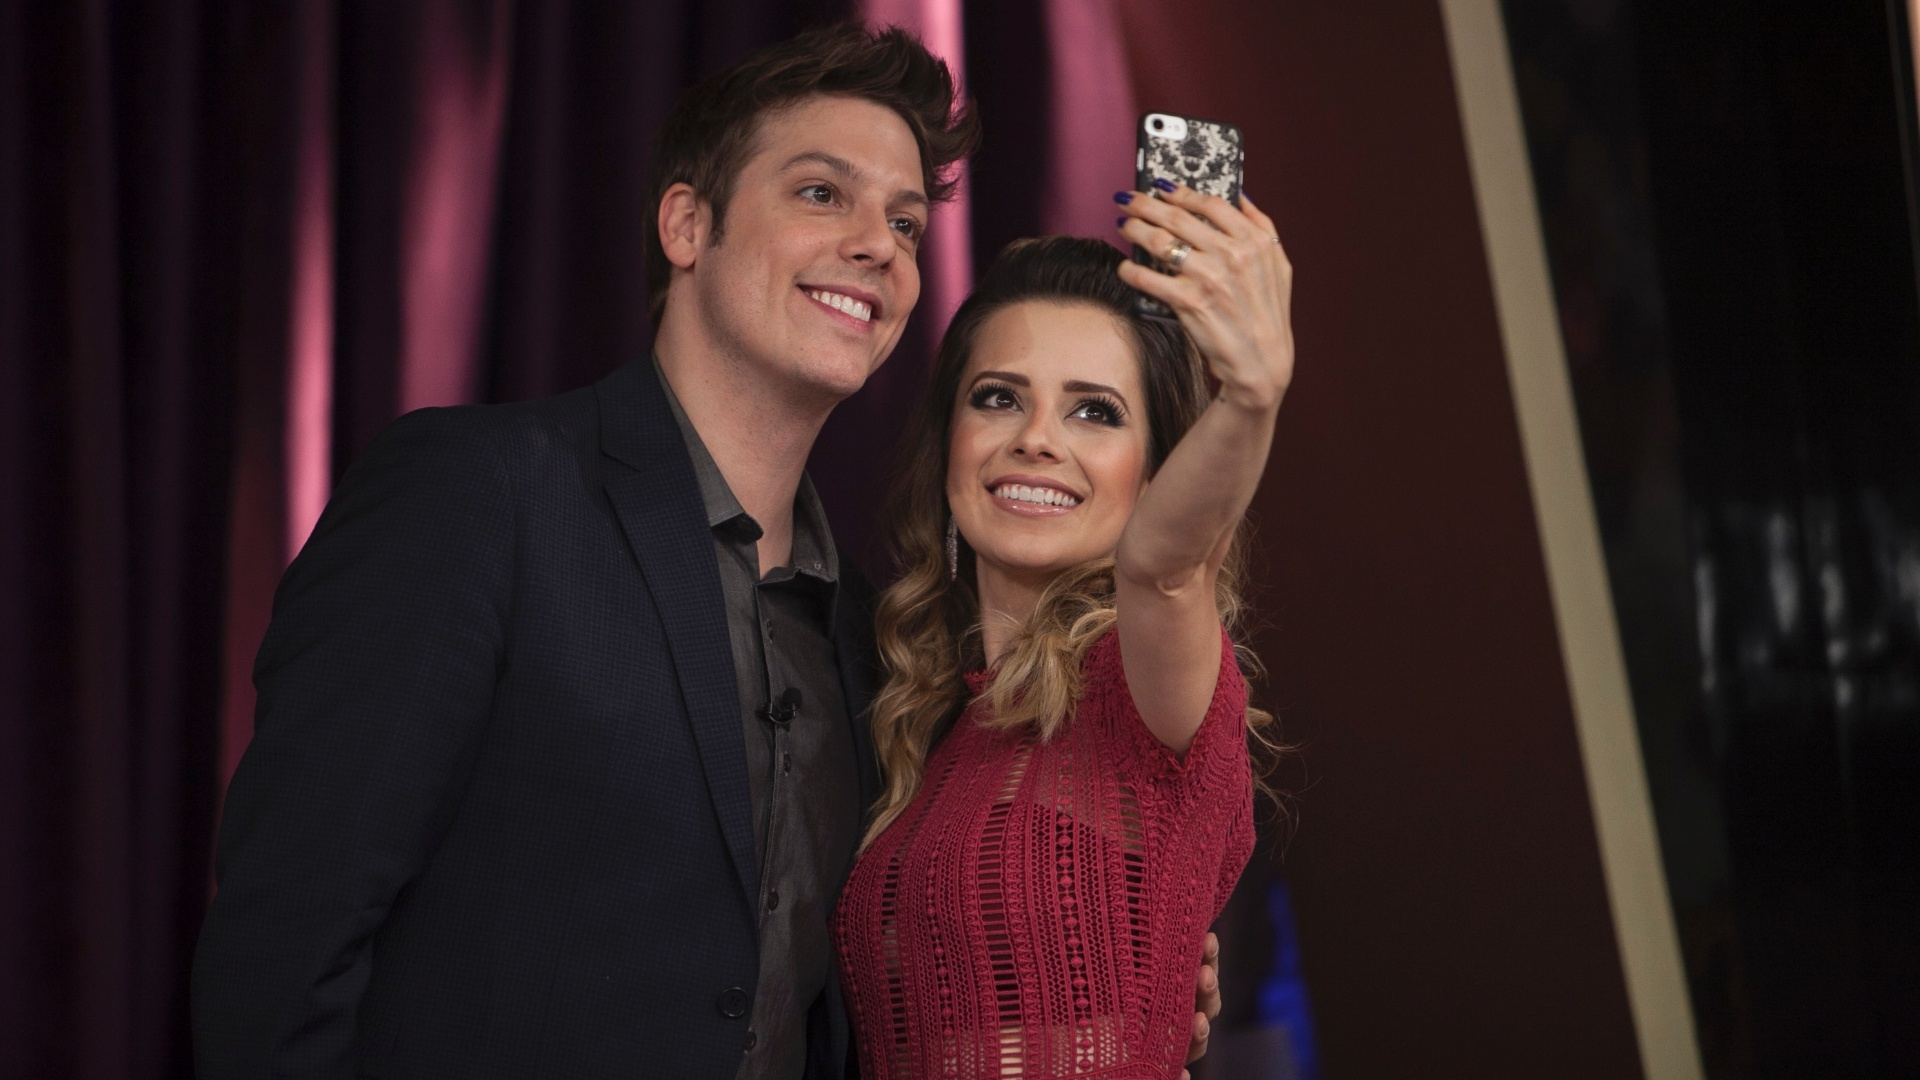 Sandy faz selfie com Fábio Porchat no intervalo do